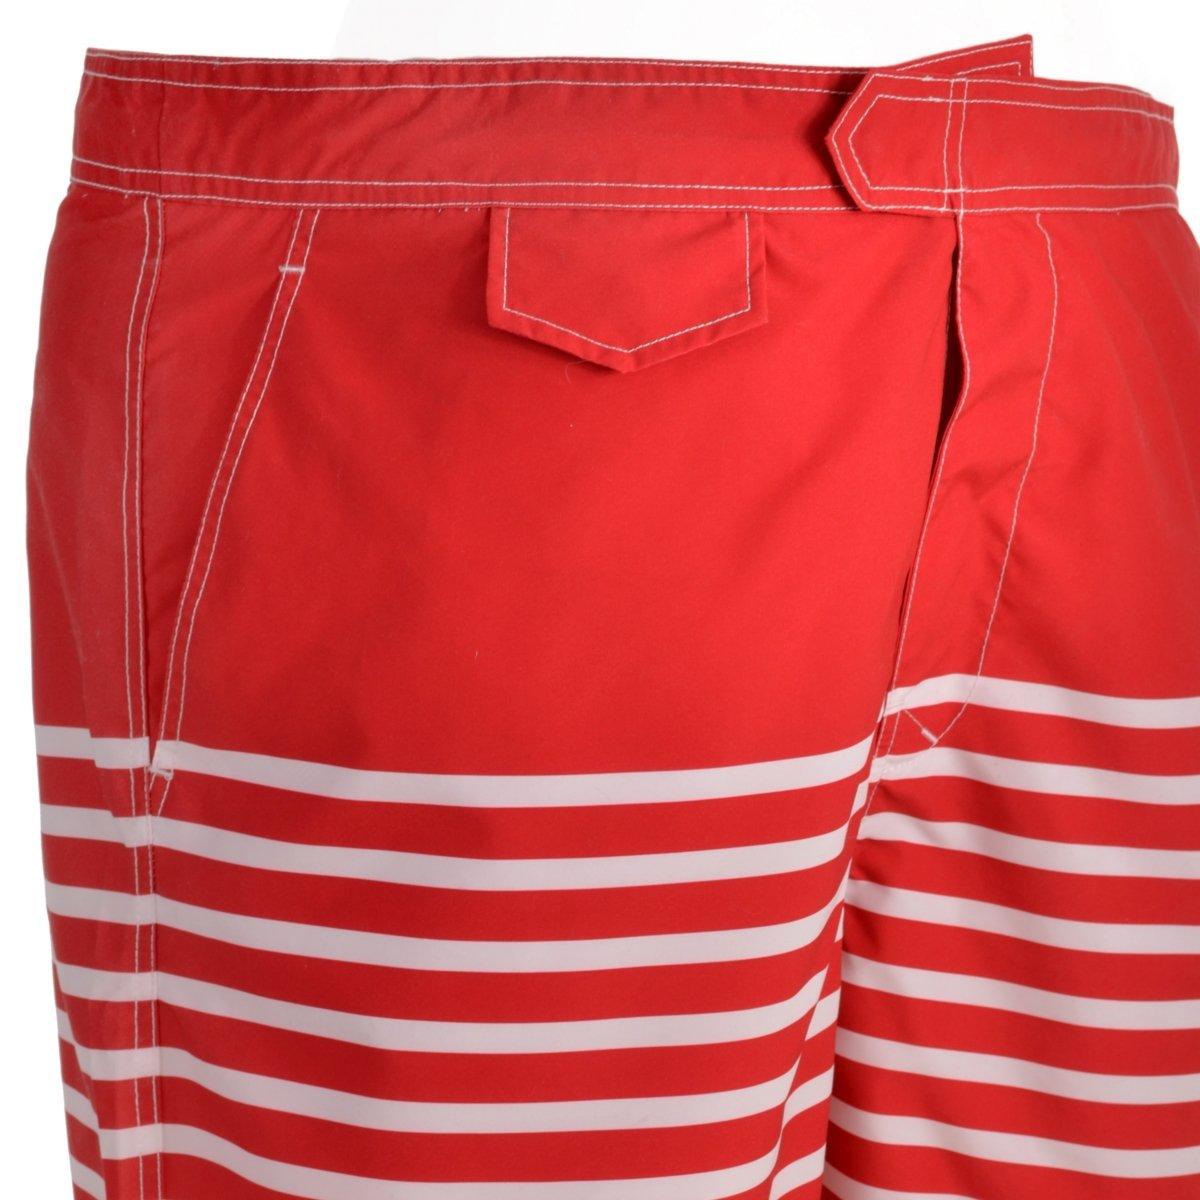 Juegos De Baño Sears: bermudas traje de baño j opus plu traje de baño j opus plu